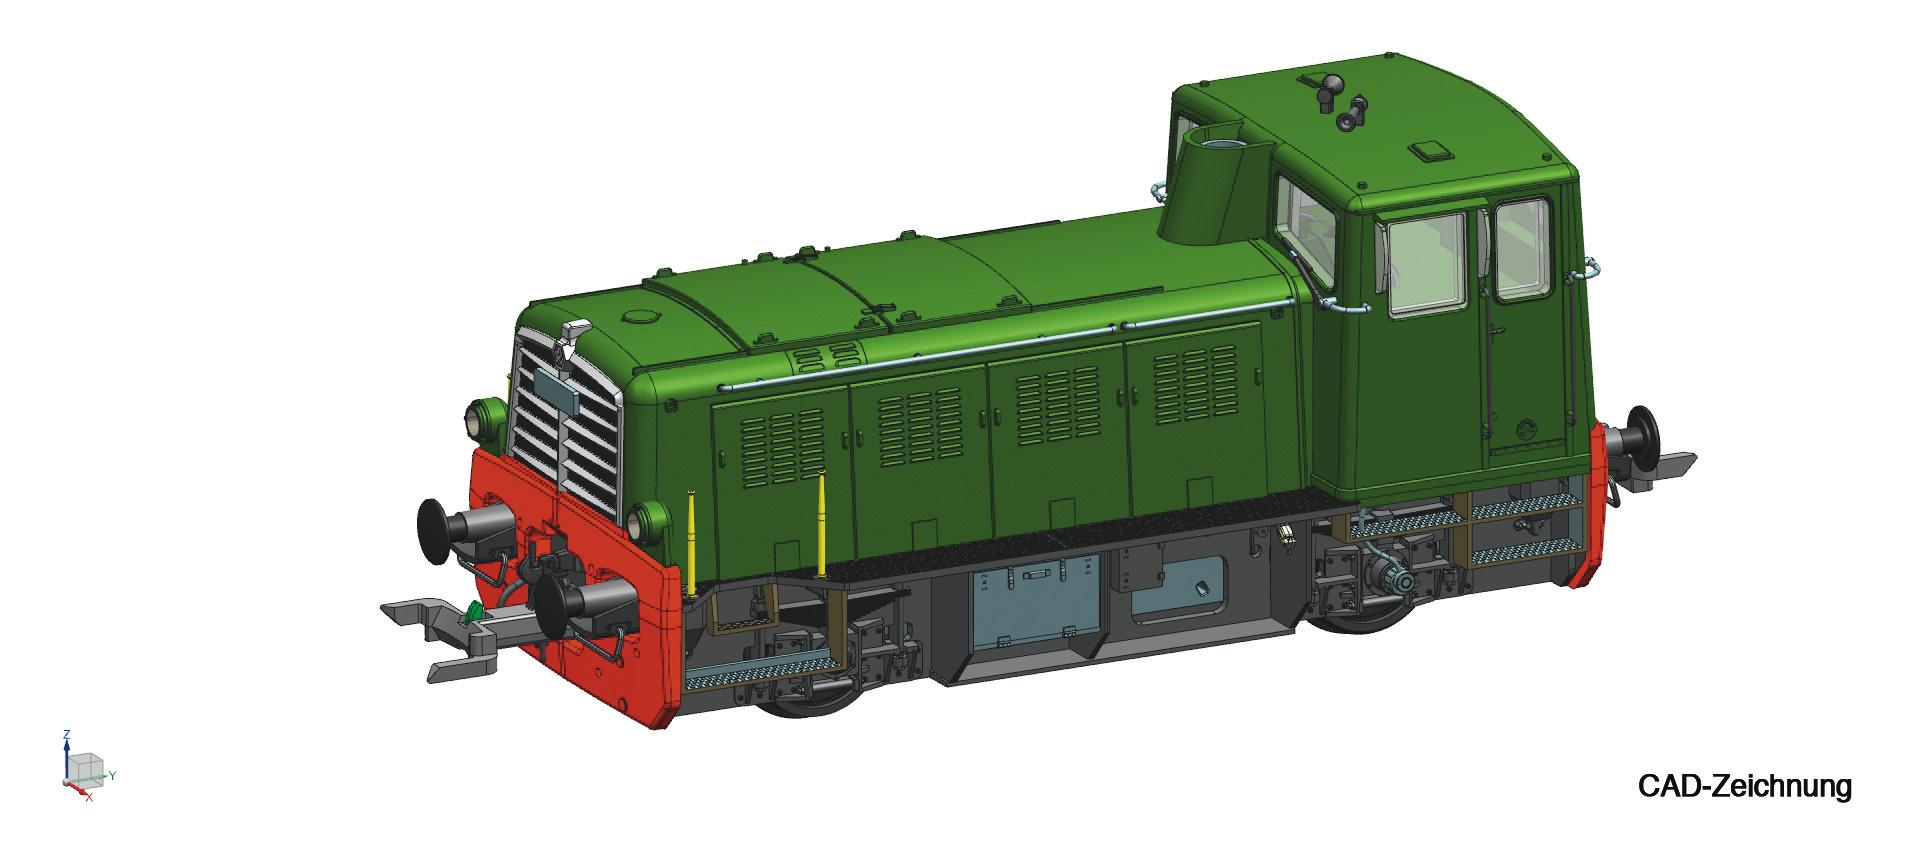 72003 Diesellok MG2 RZD DC-Snd.-1